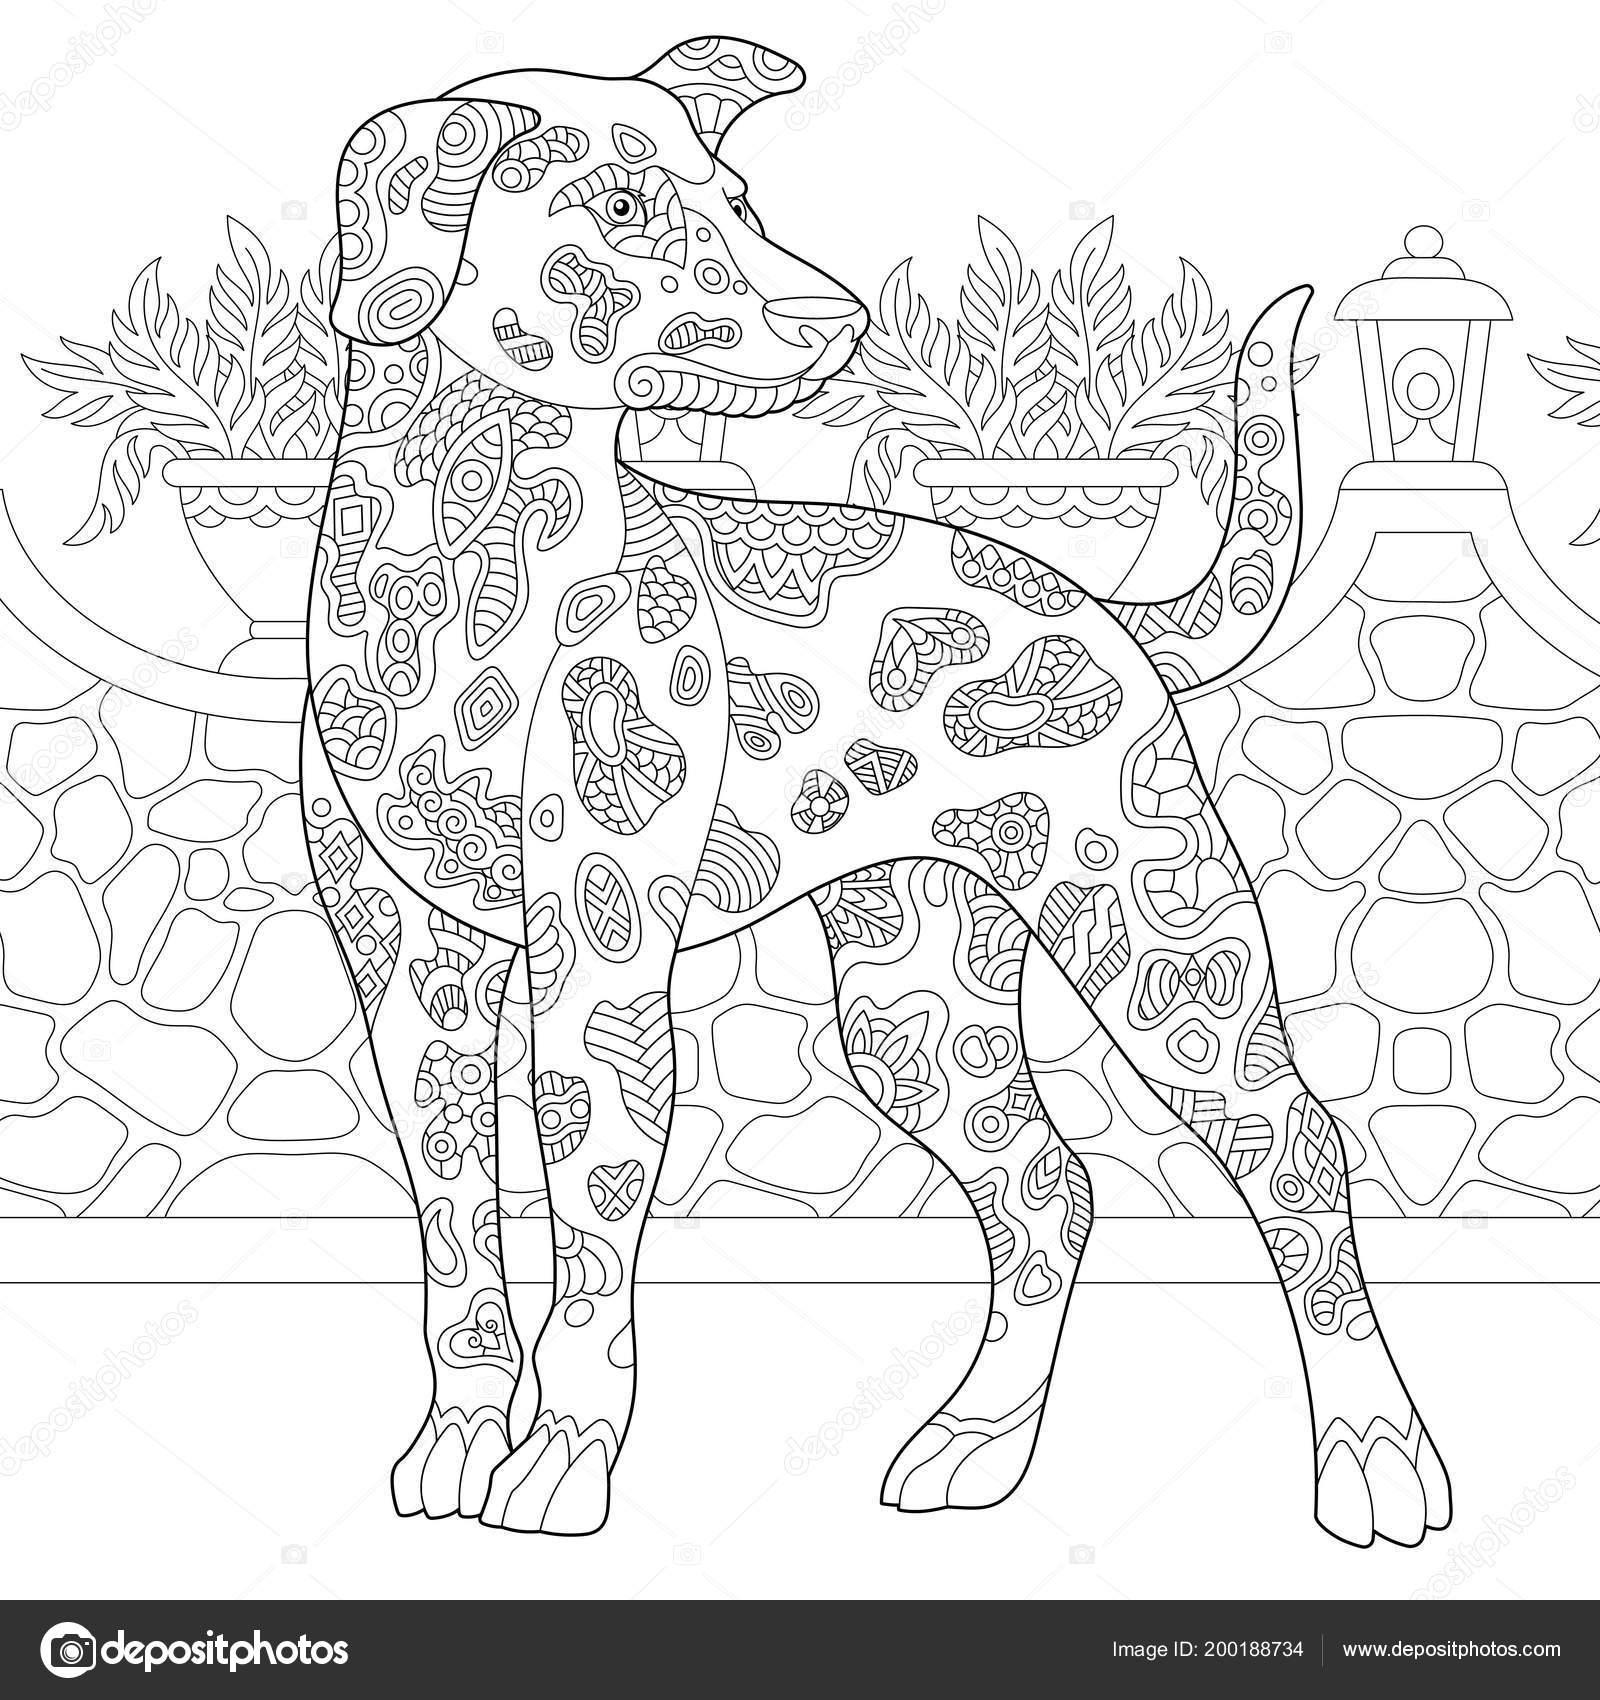 Kleurplaten Volwassenen Hond.Dalmatische Hond Kleurplaat Kleuren Foto Volwassen Kleuren Boekidee